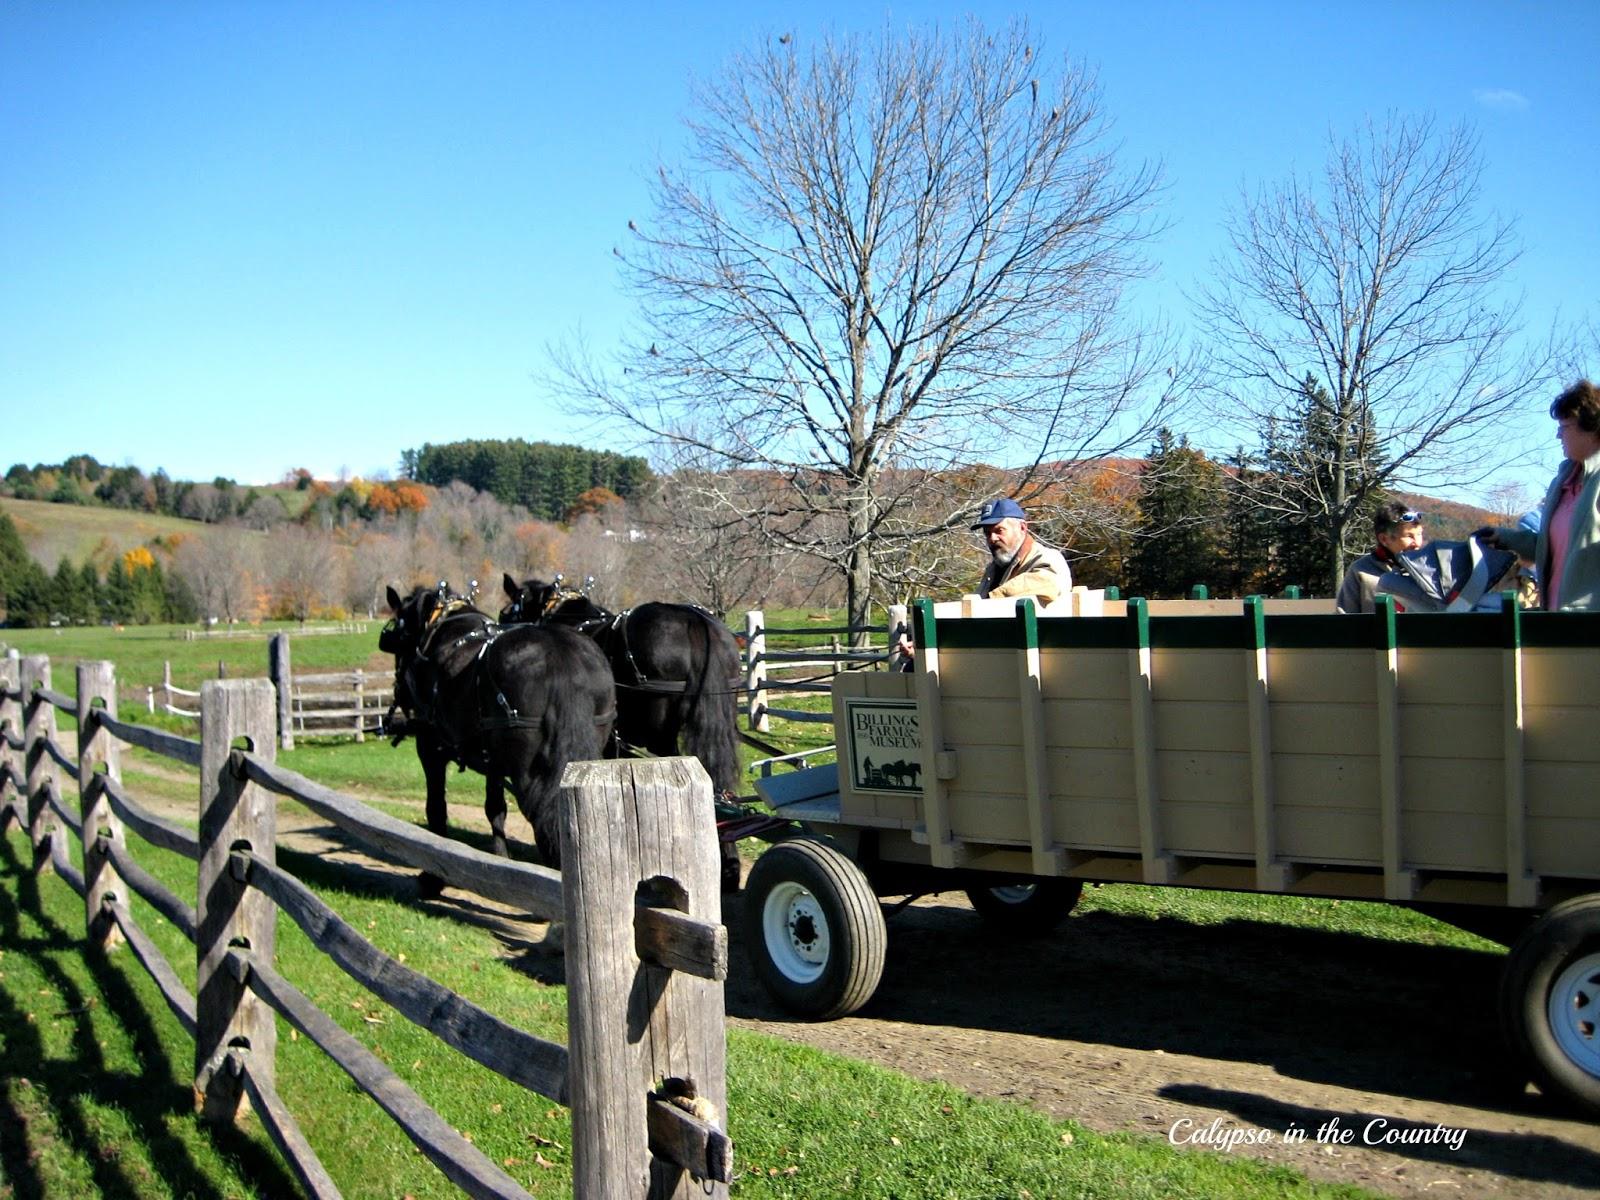 Fall Hayride - Billings Farm, Woodstock, VT